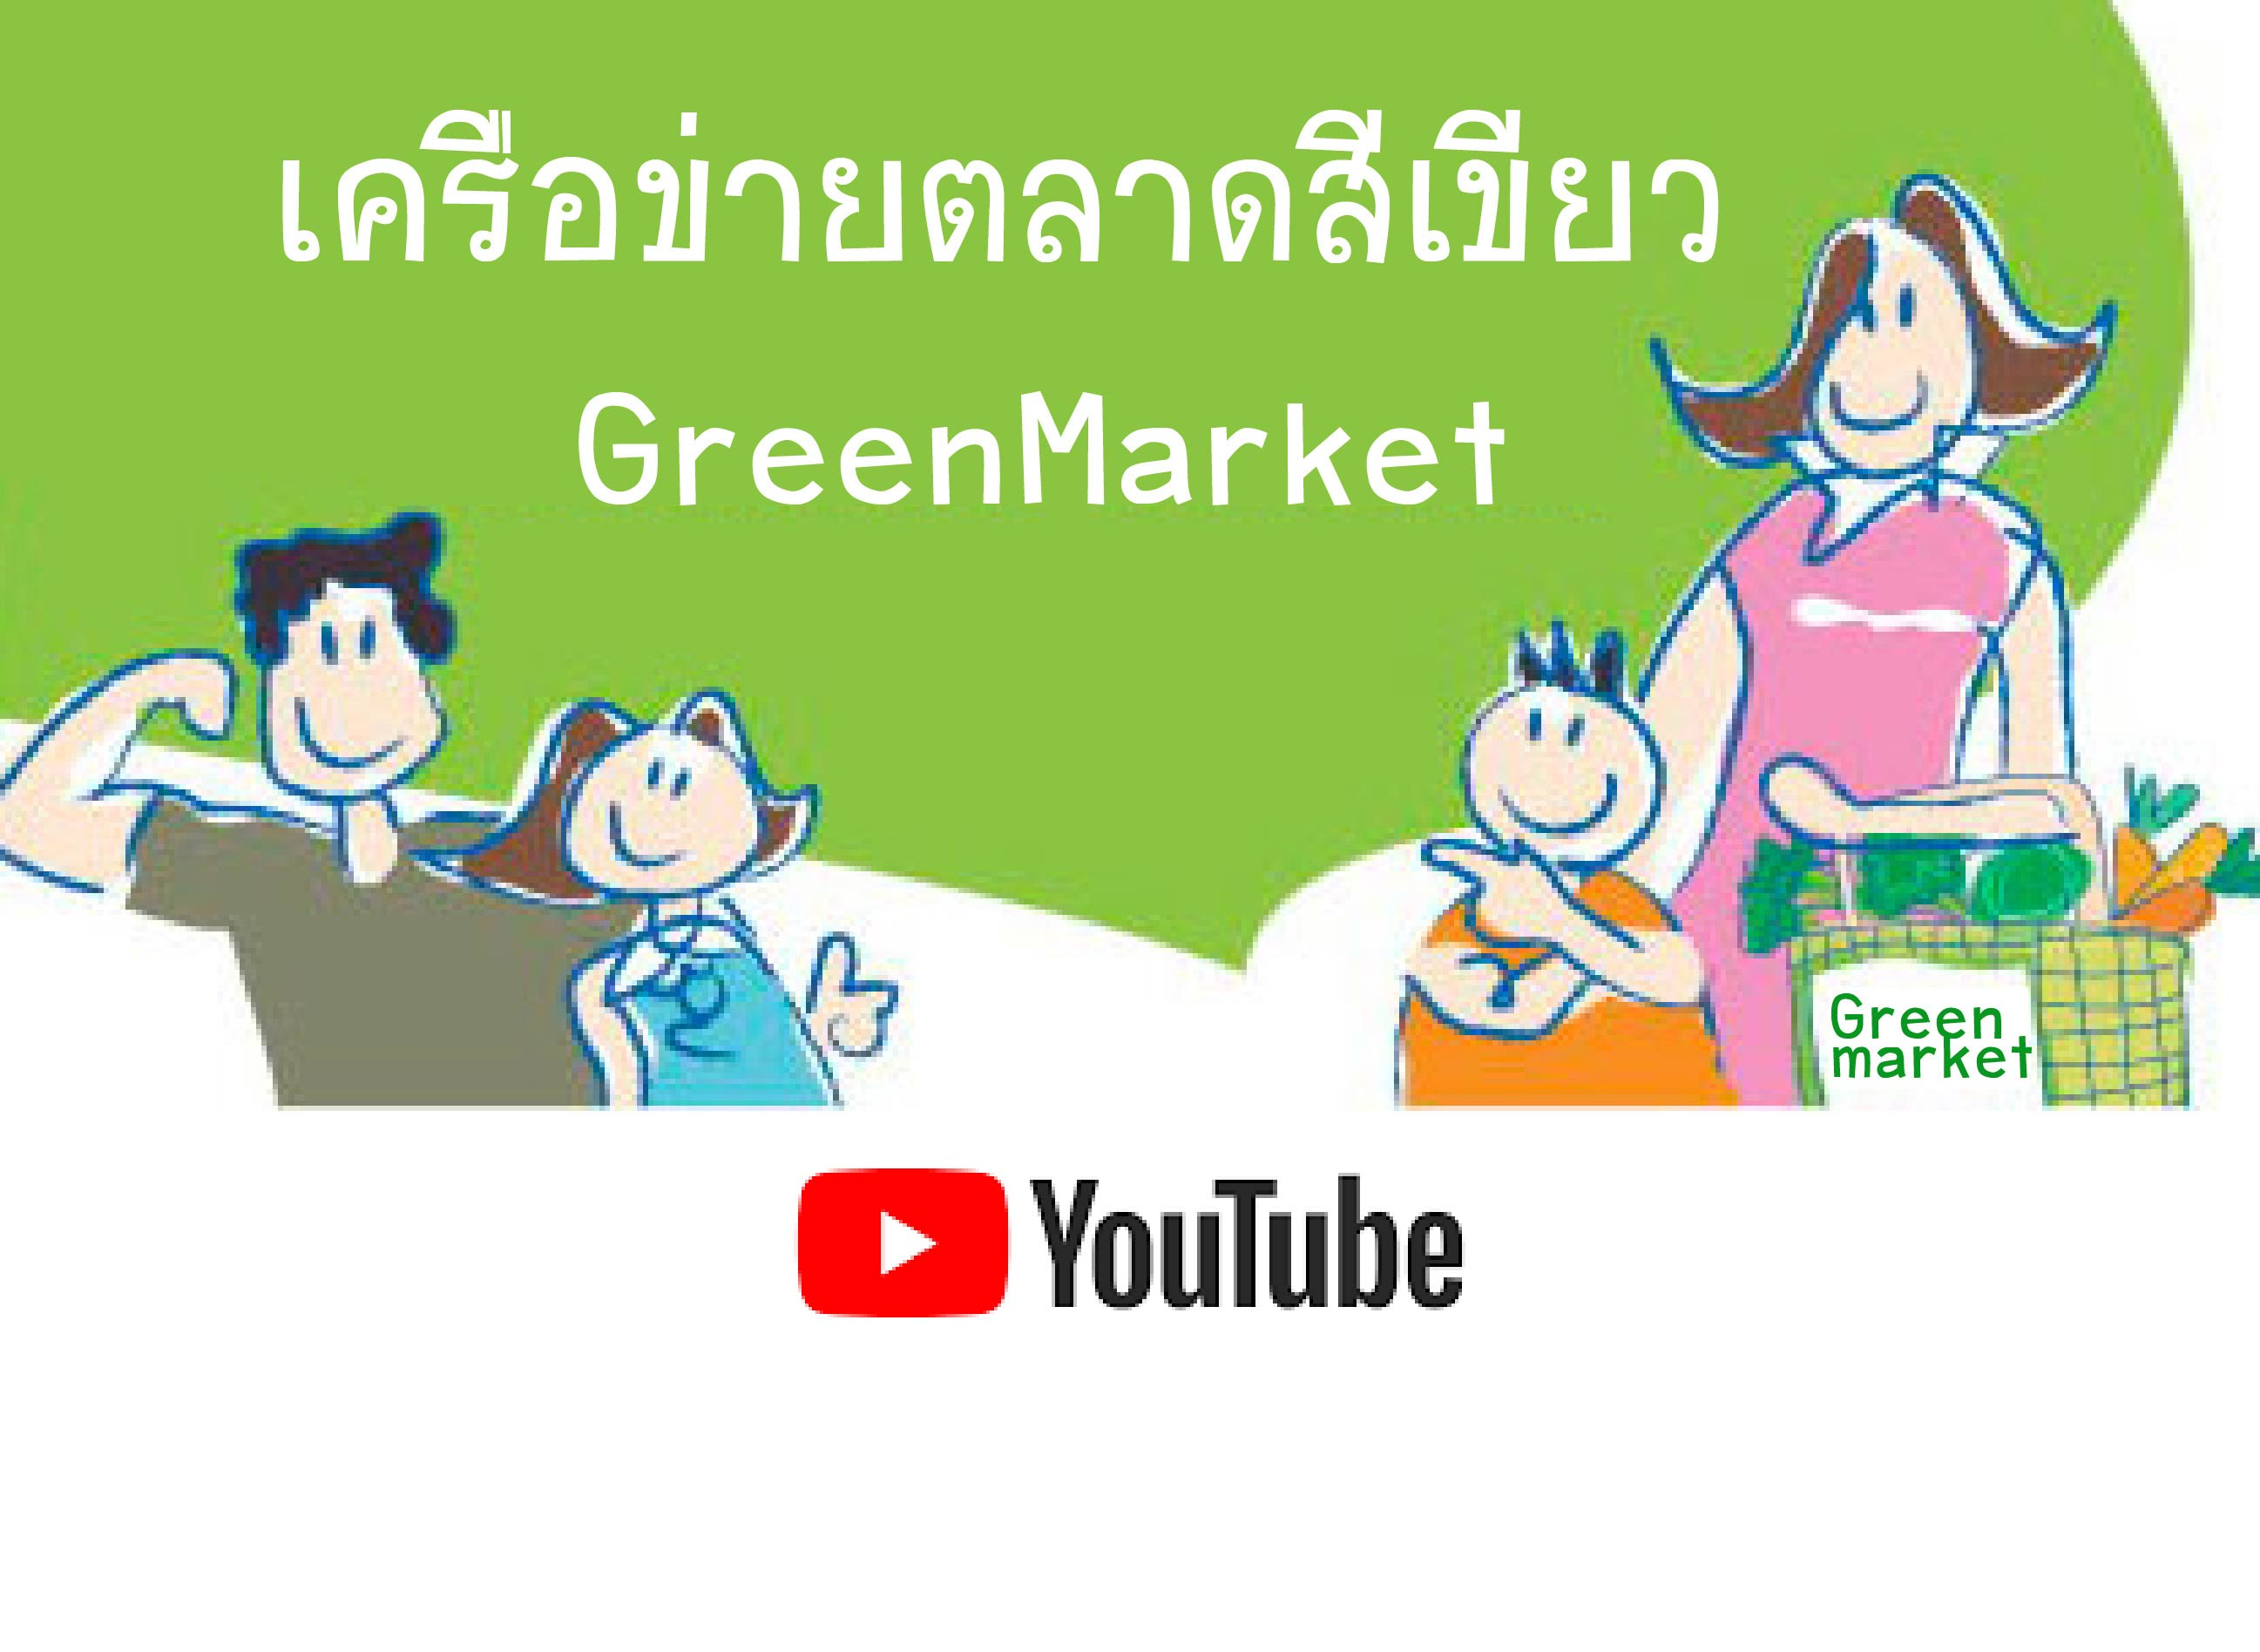 เครือข่ายตลาดสีเขียวYouTube